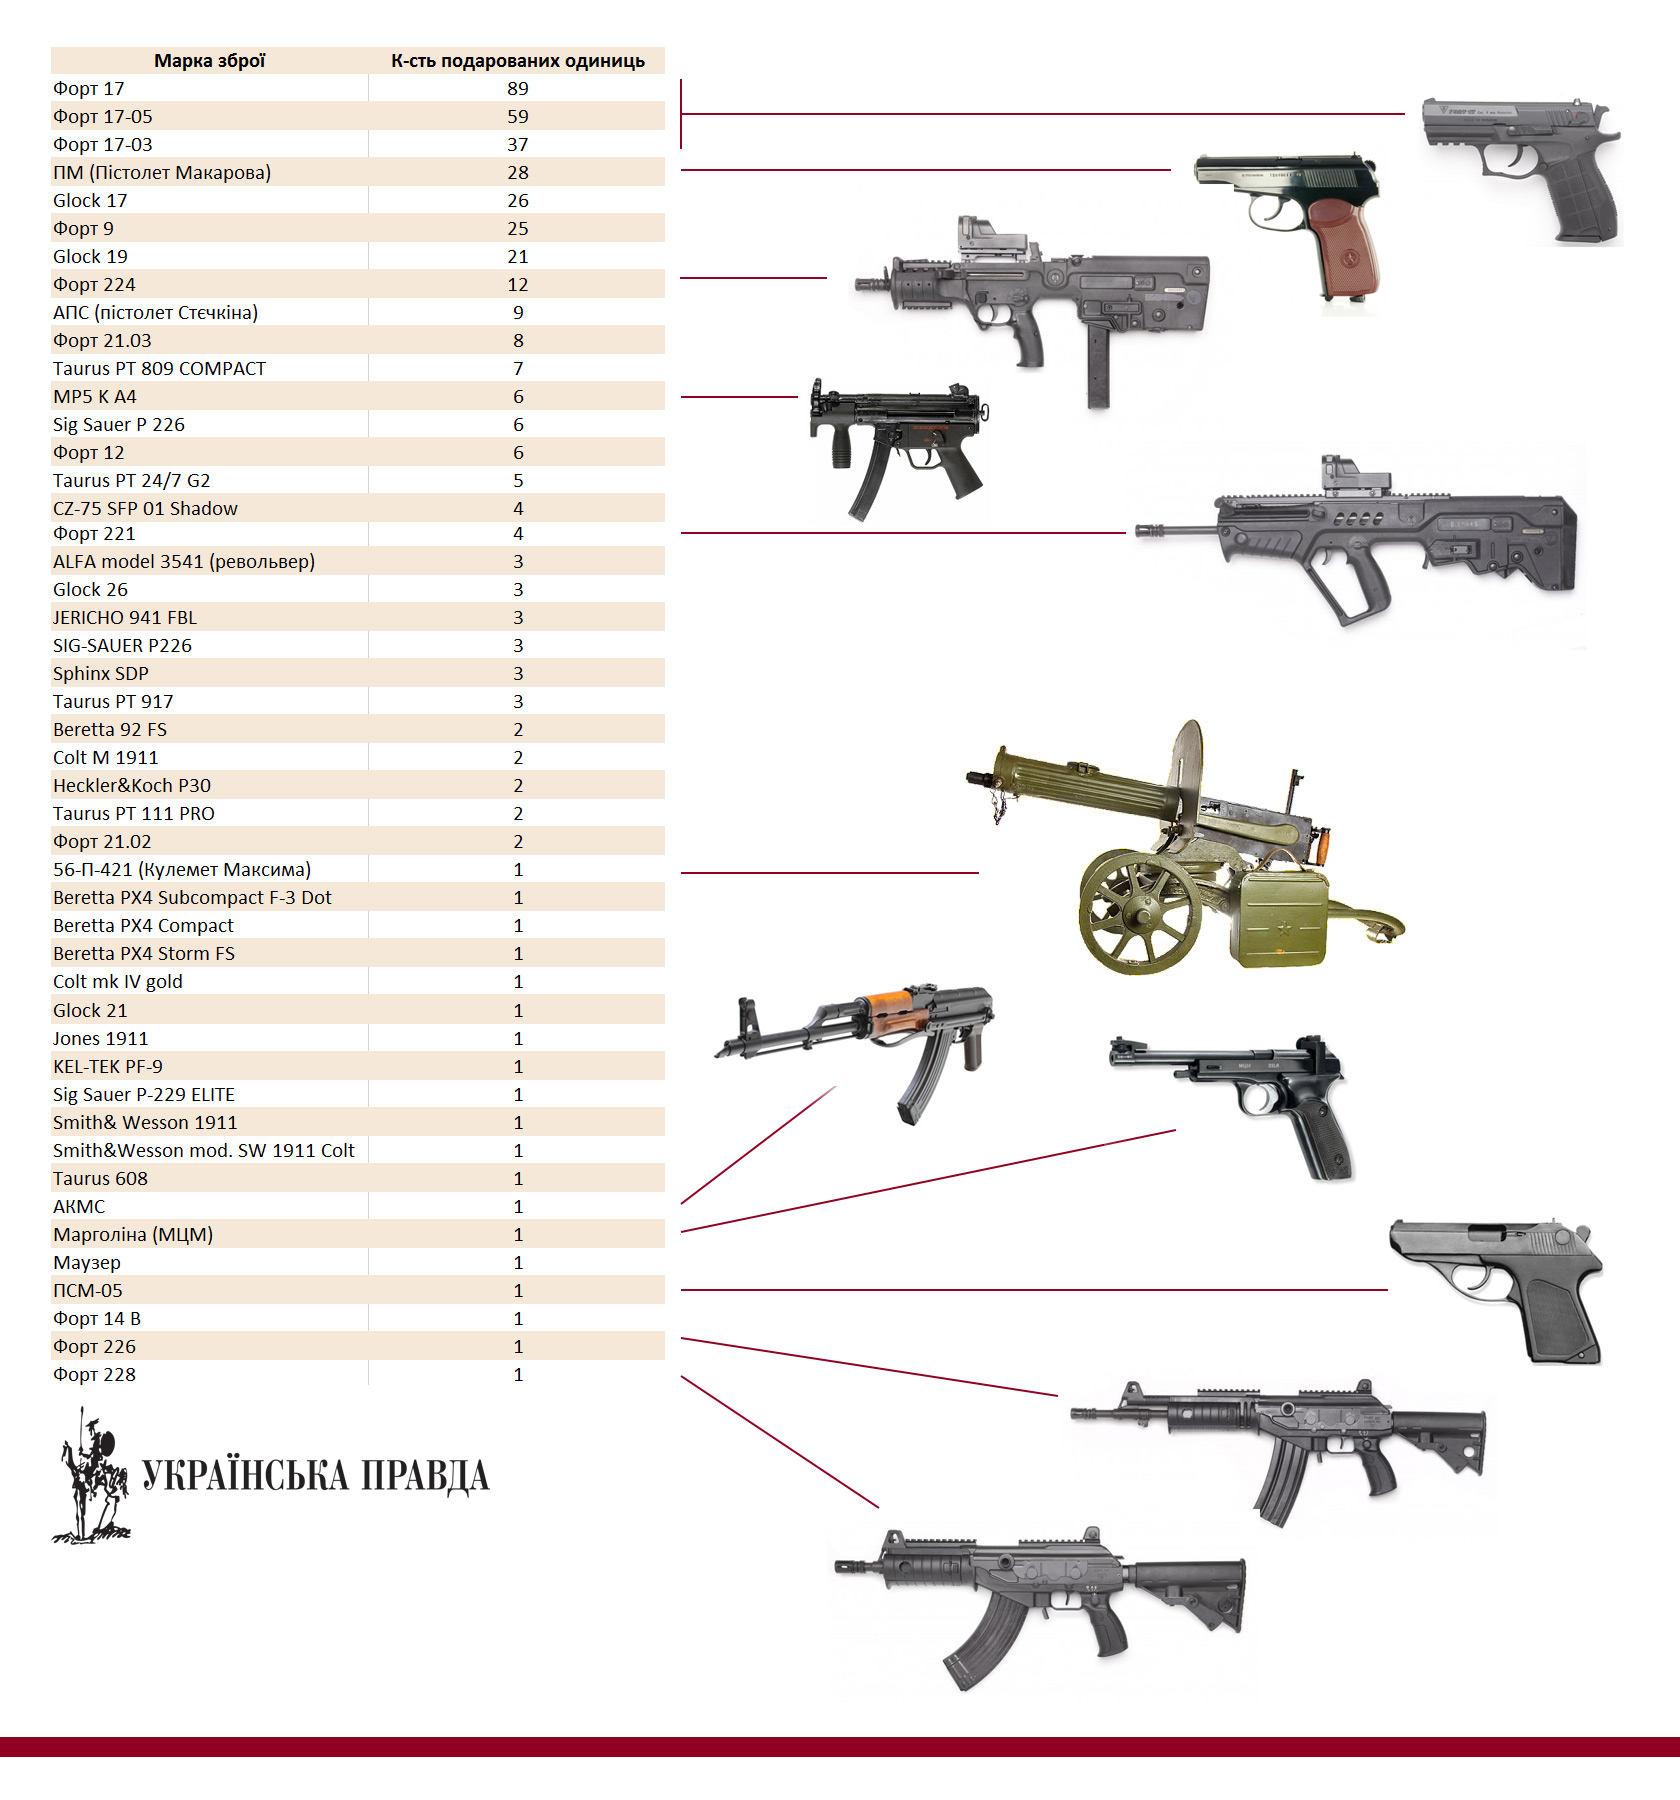 Скільки і якої зброї було роздаровано